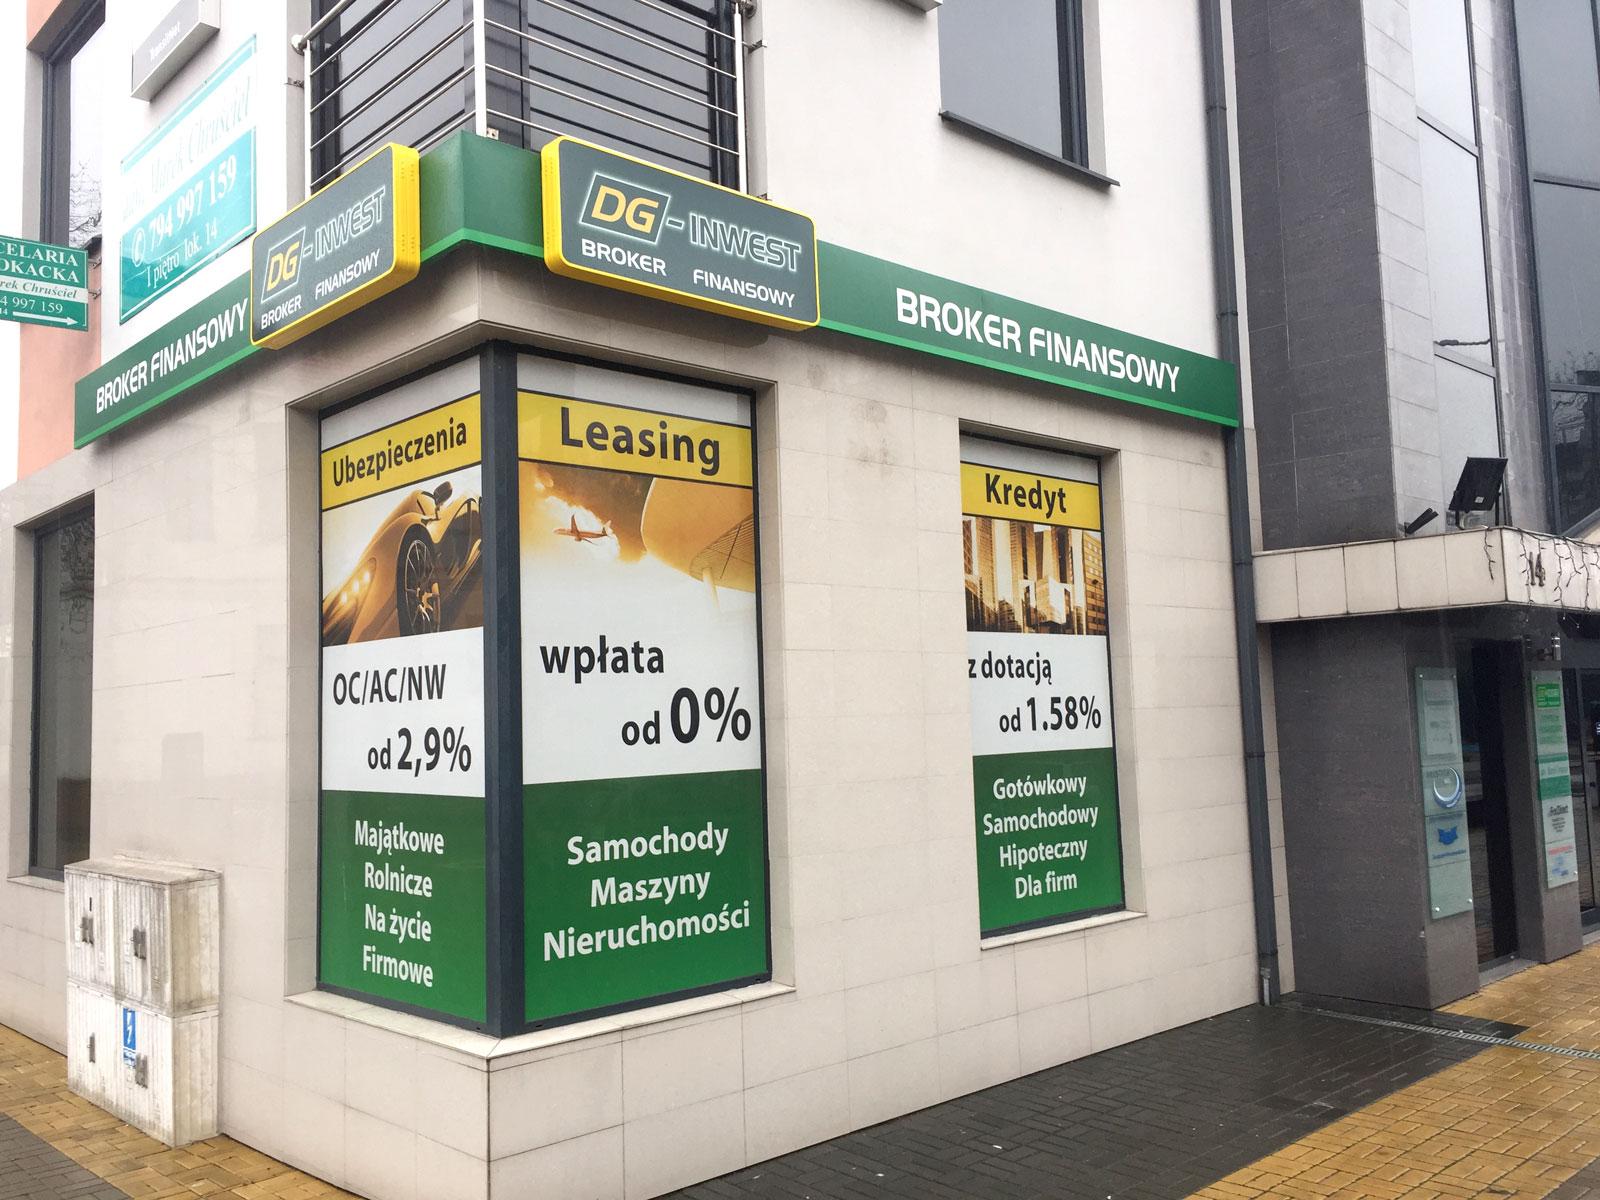 DG – Inwest Leasing & Kredyt